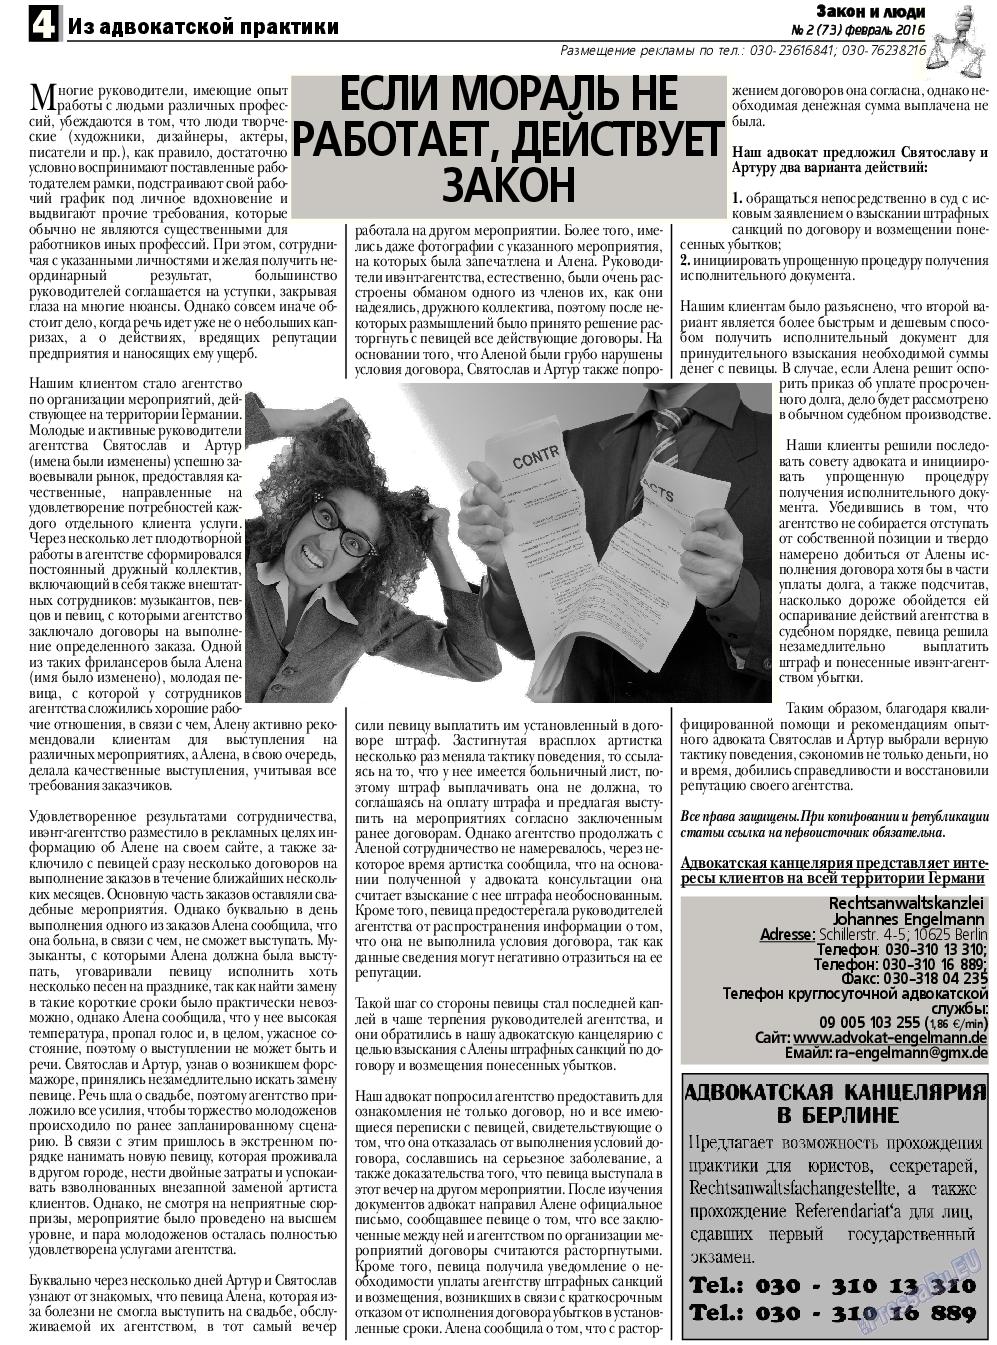 Закон и люди (газета). 2016 год, номер 2, стр. 4